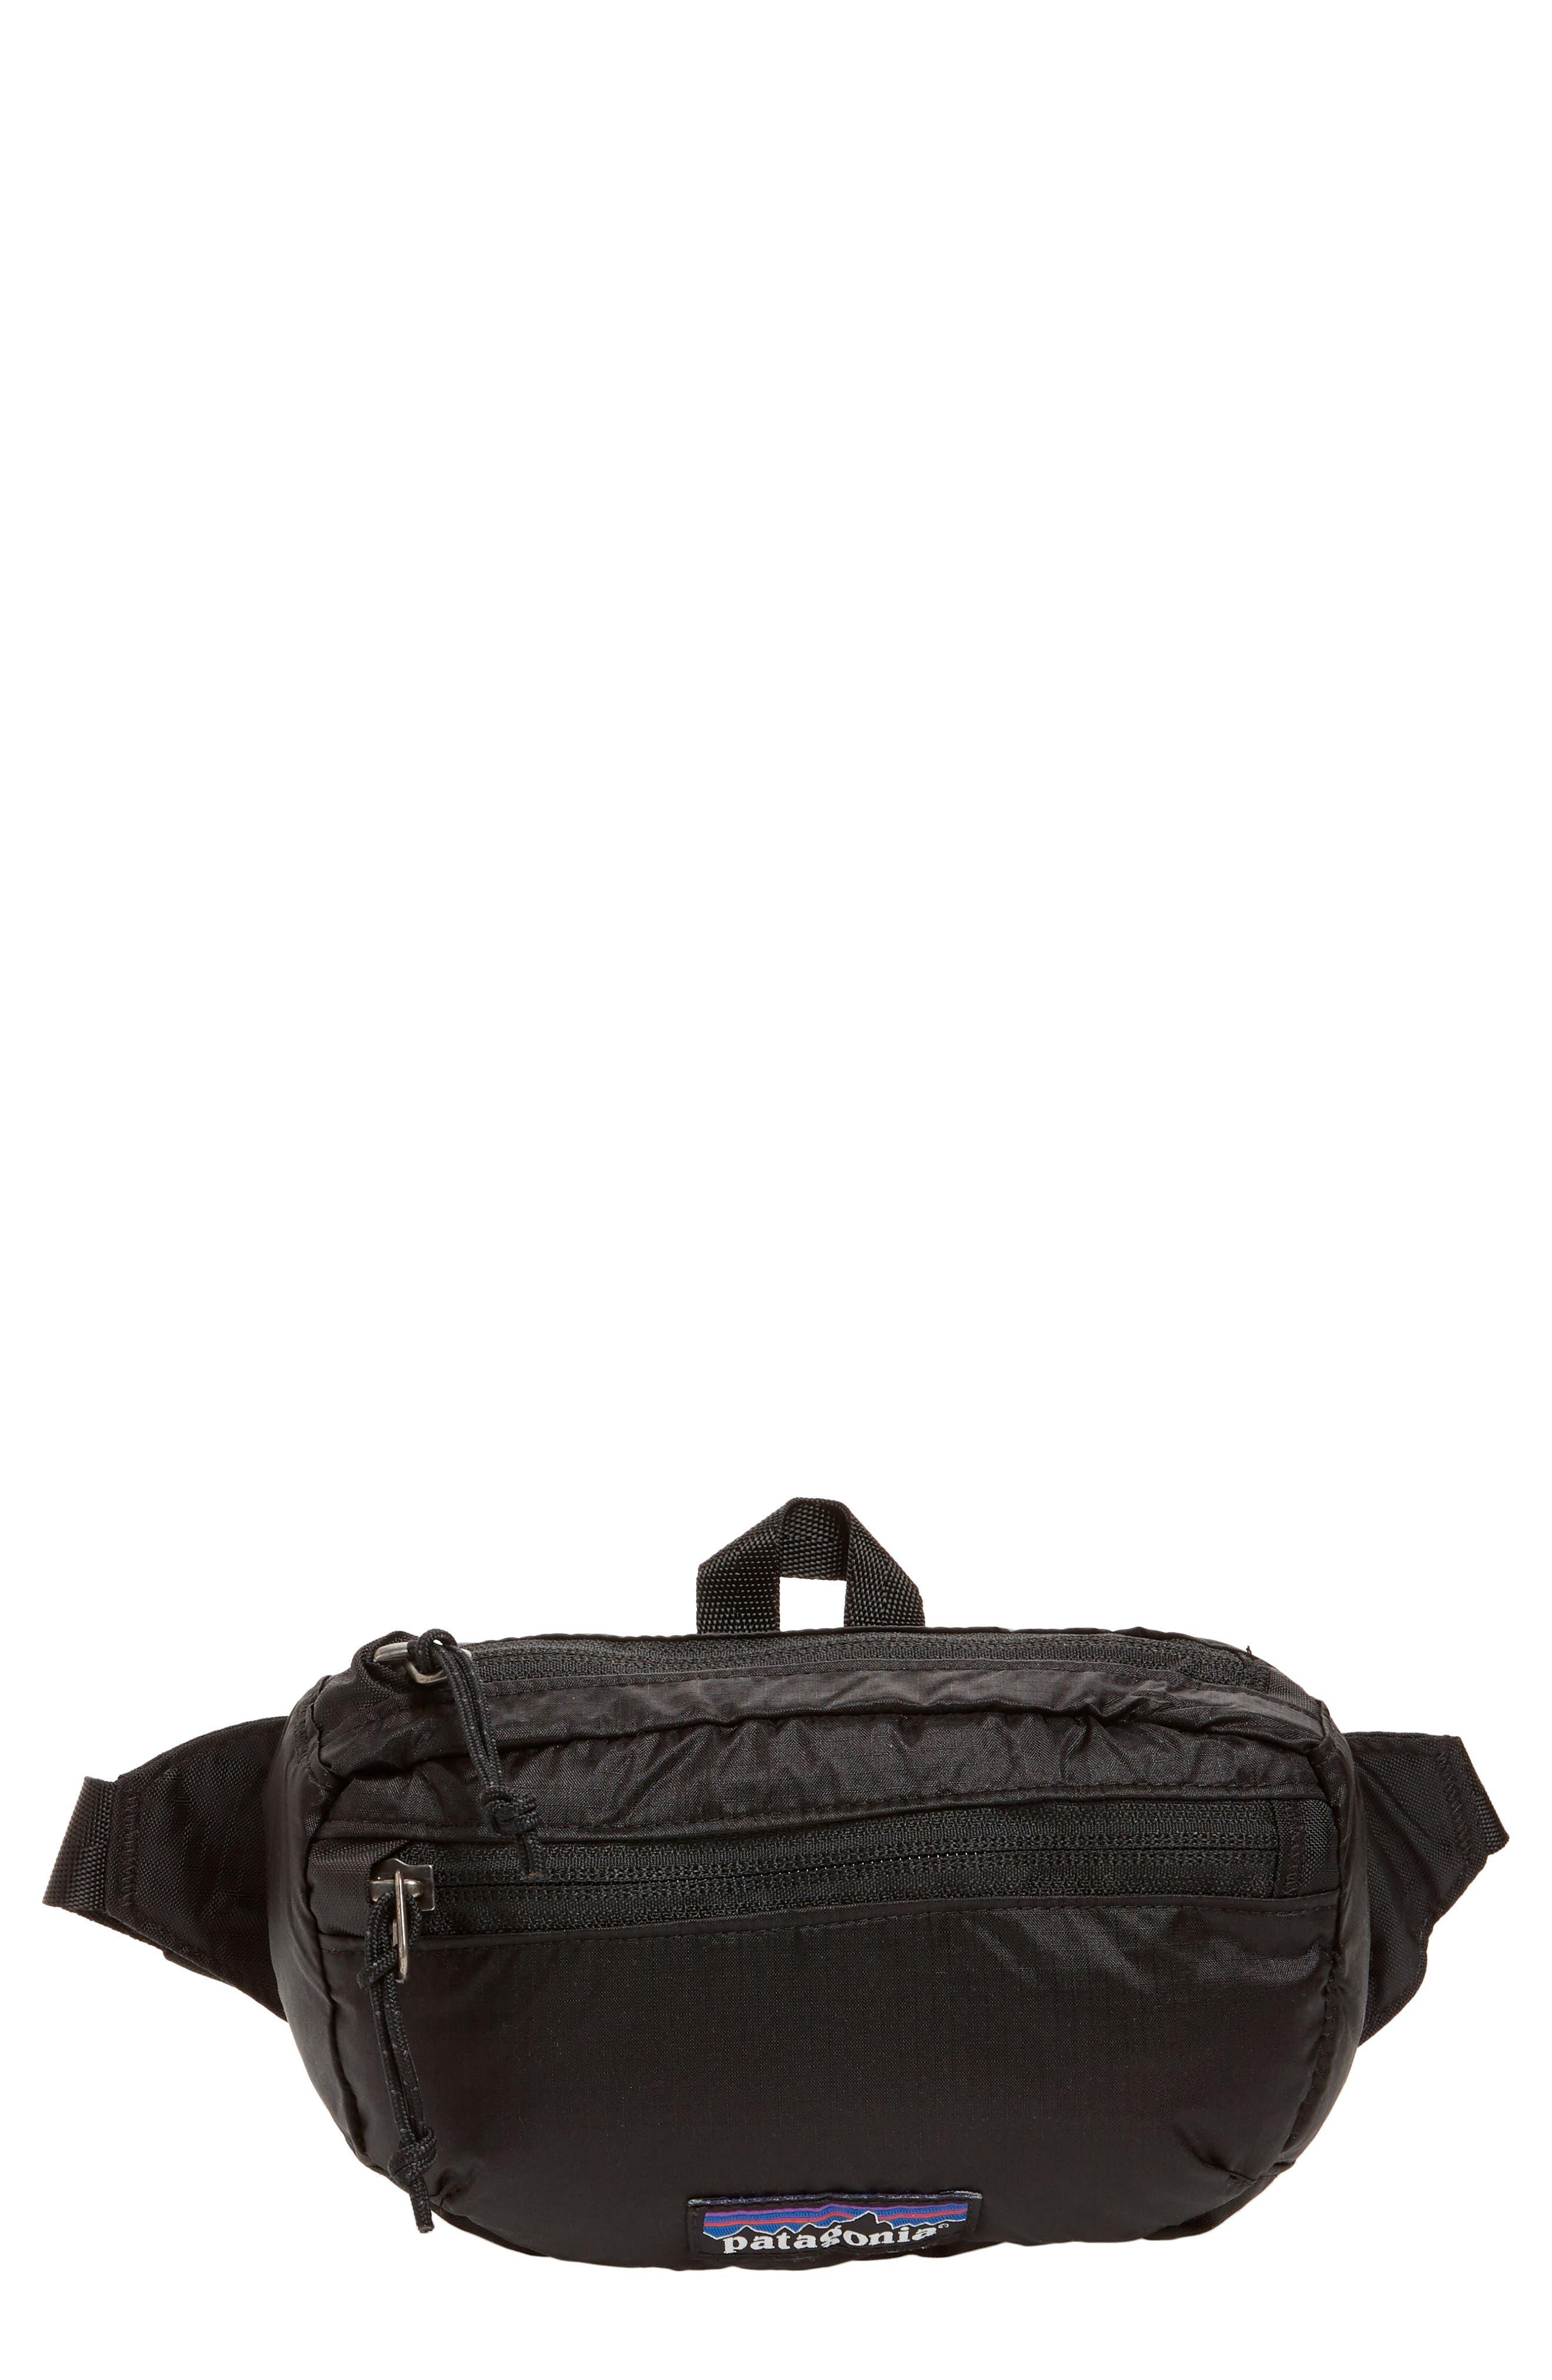 Travel Belt Bag,                         Main,                         color, 001